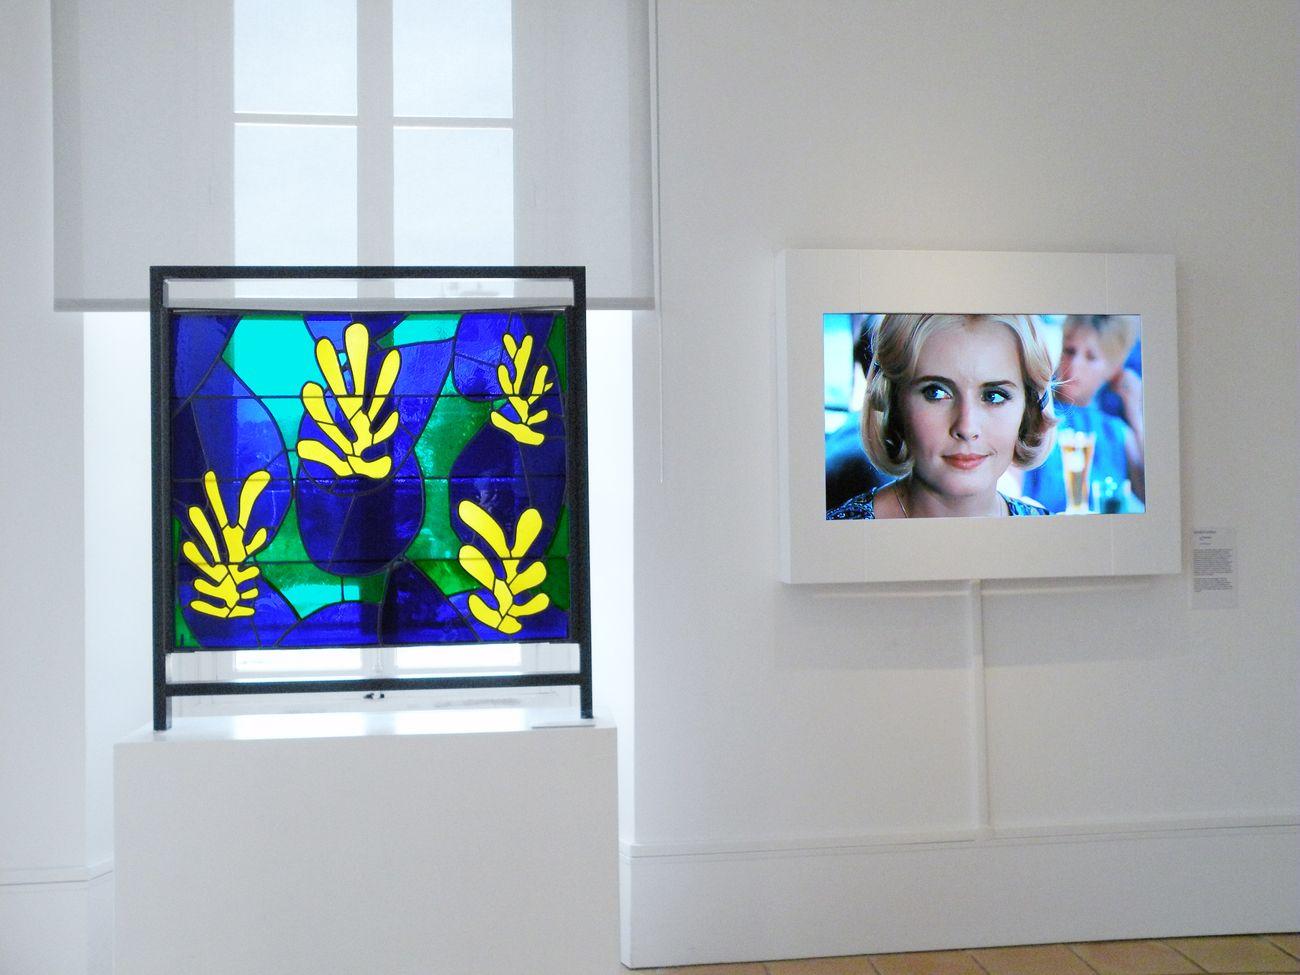 Cinématisse. Exhibition view at Musée Matisse, Nizza 2019 © Succession H. Matisse pour l'œuvre de l'artiste © Institut Lumière pour le film. Photo Ville de Nice – Musée Matisse